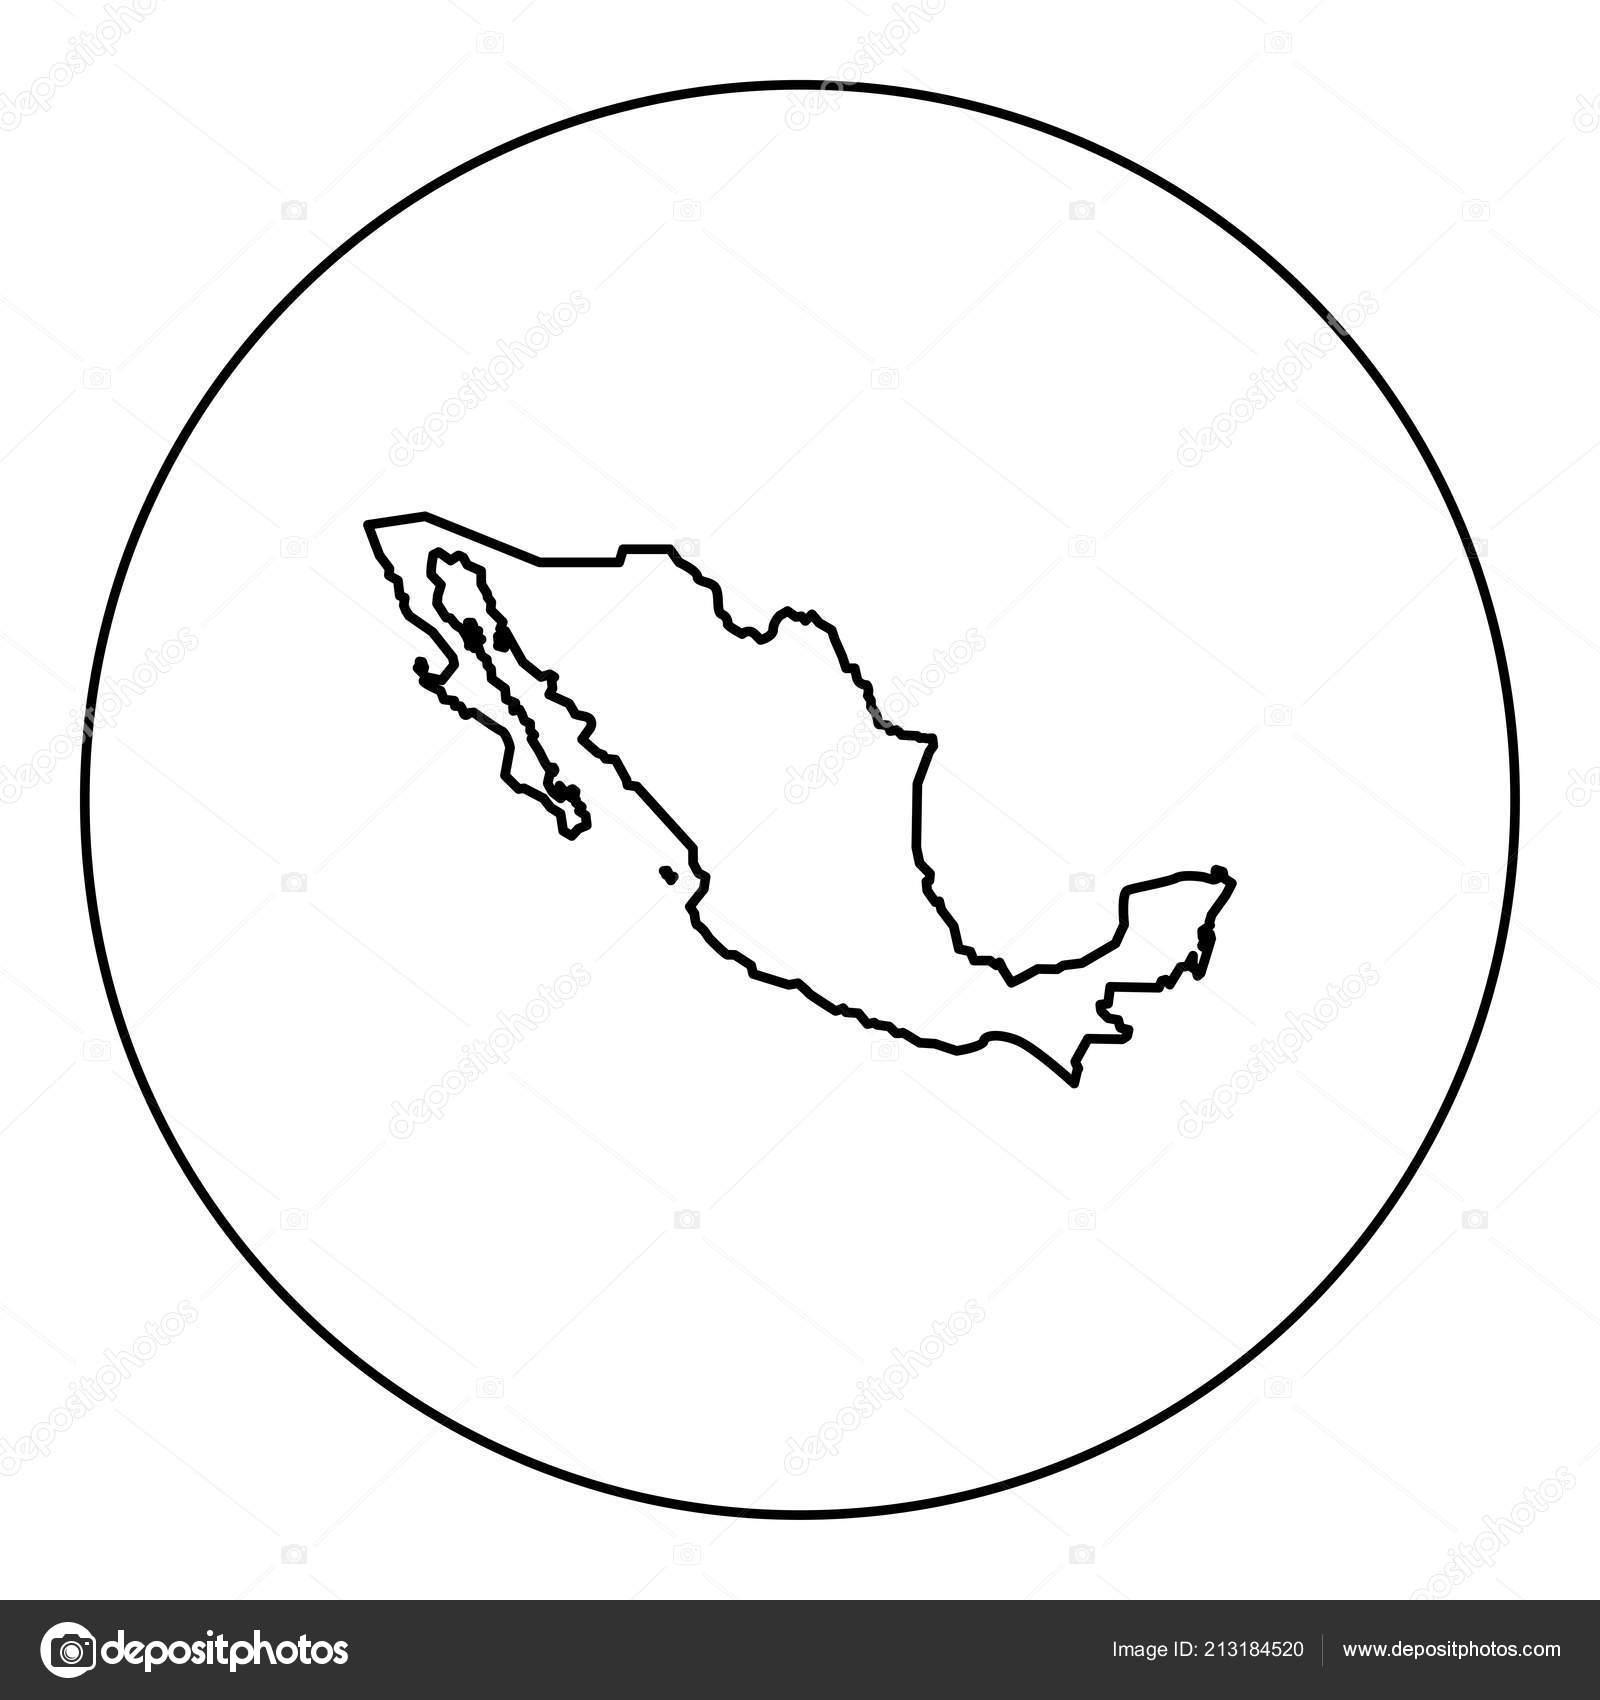 Mexiko Karte Umriss.Karte Von Mexiko Symbol Schwarz Farbe Kreis Umriss Vektor